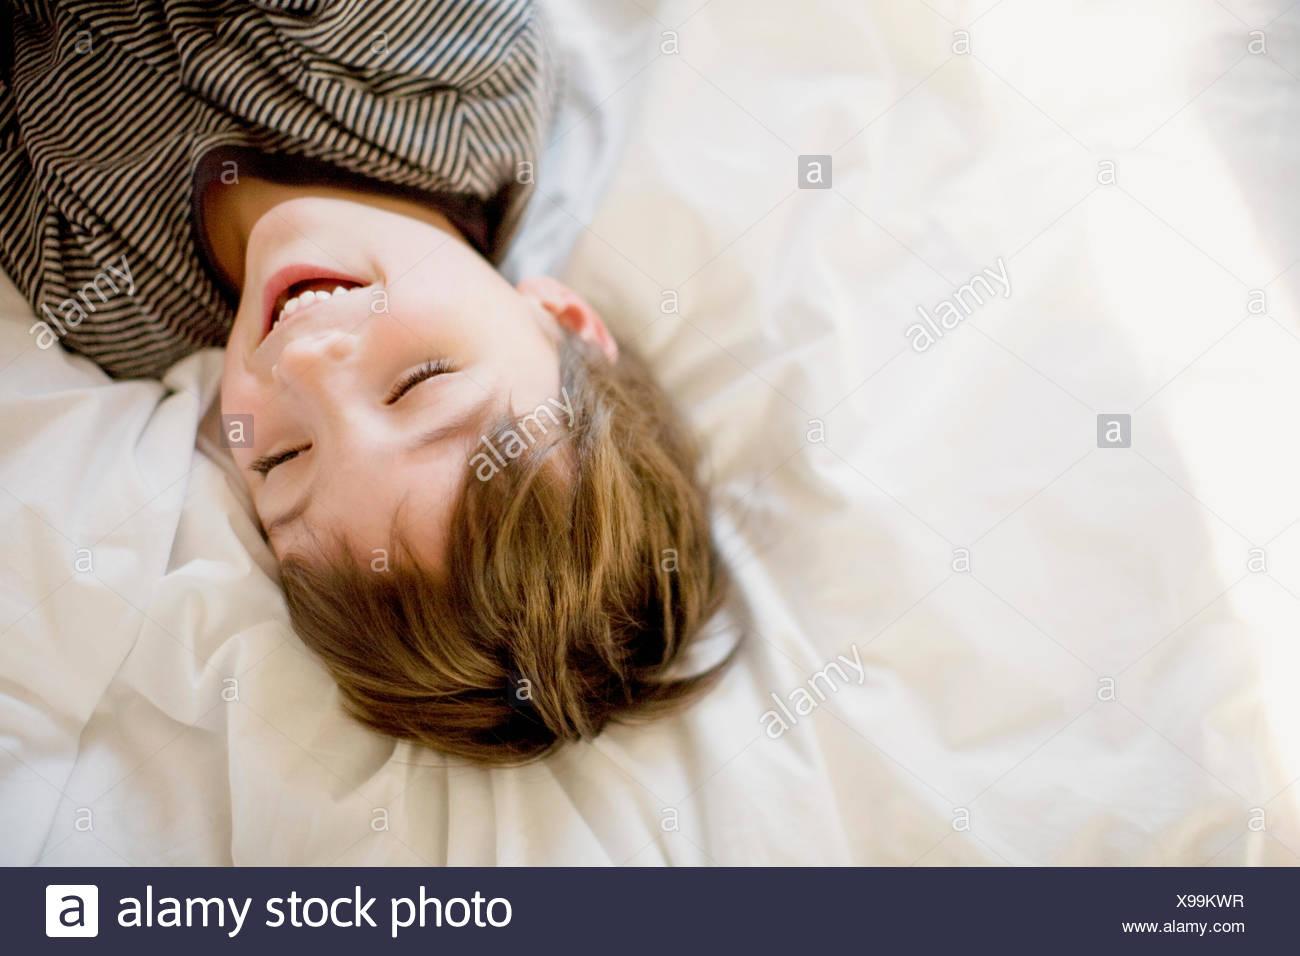 Felice ragazzo disteso sul letto Immagini Stock